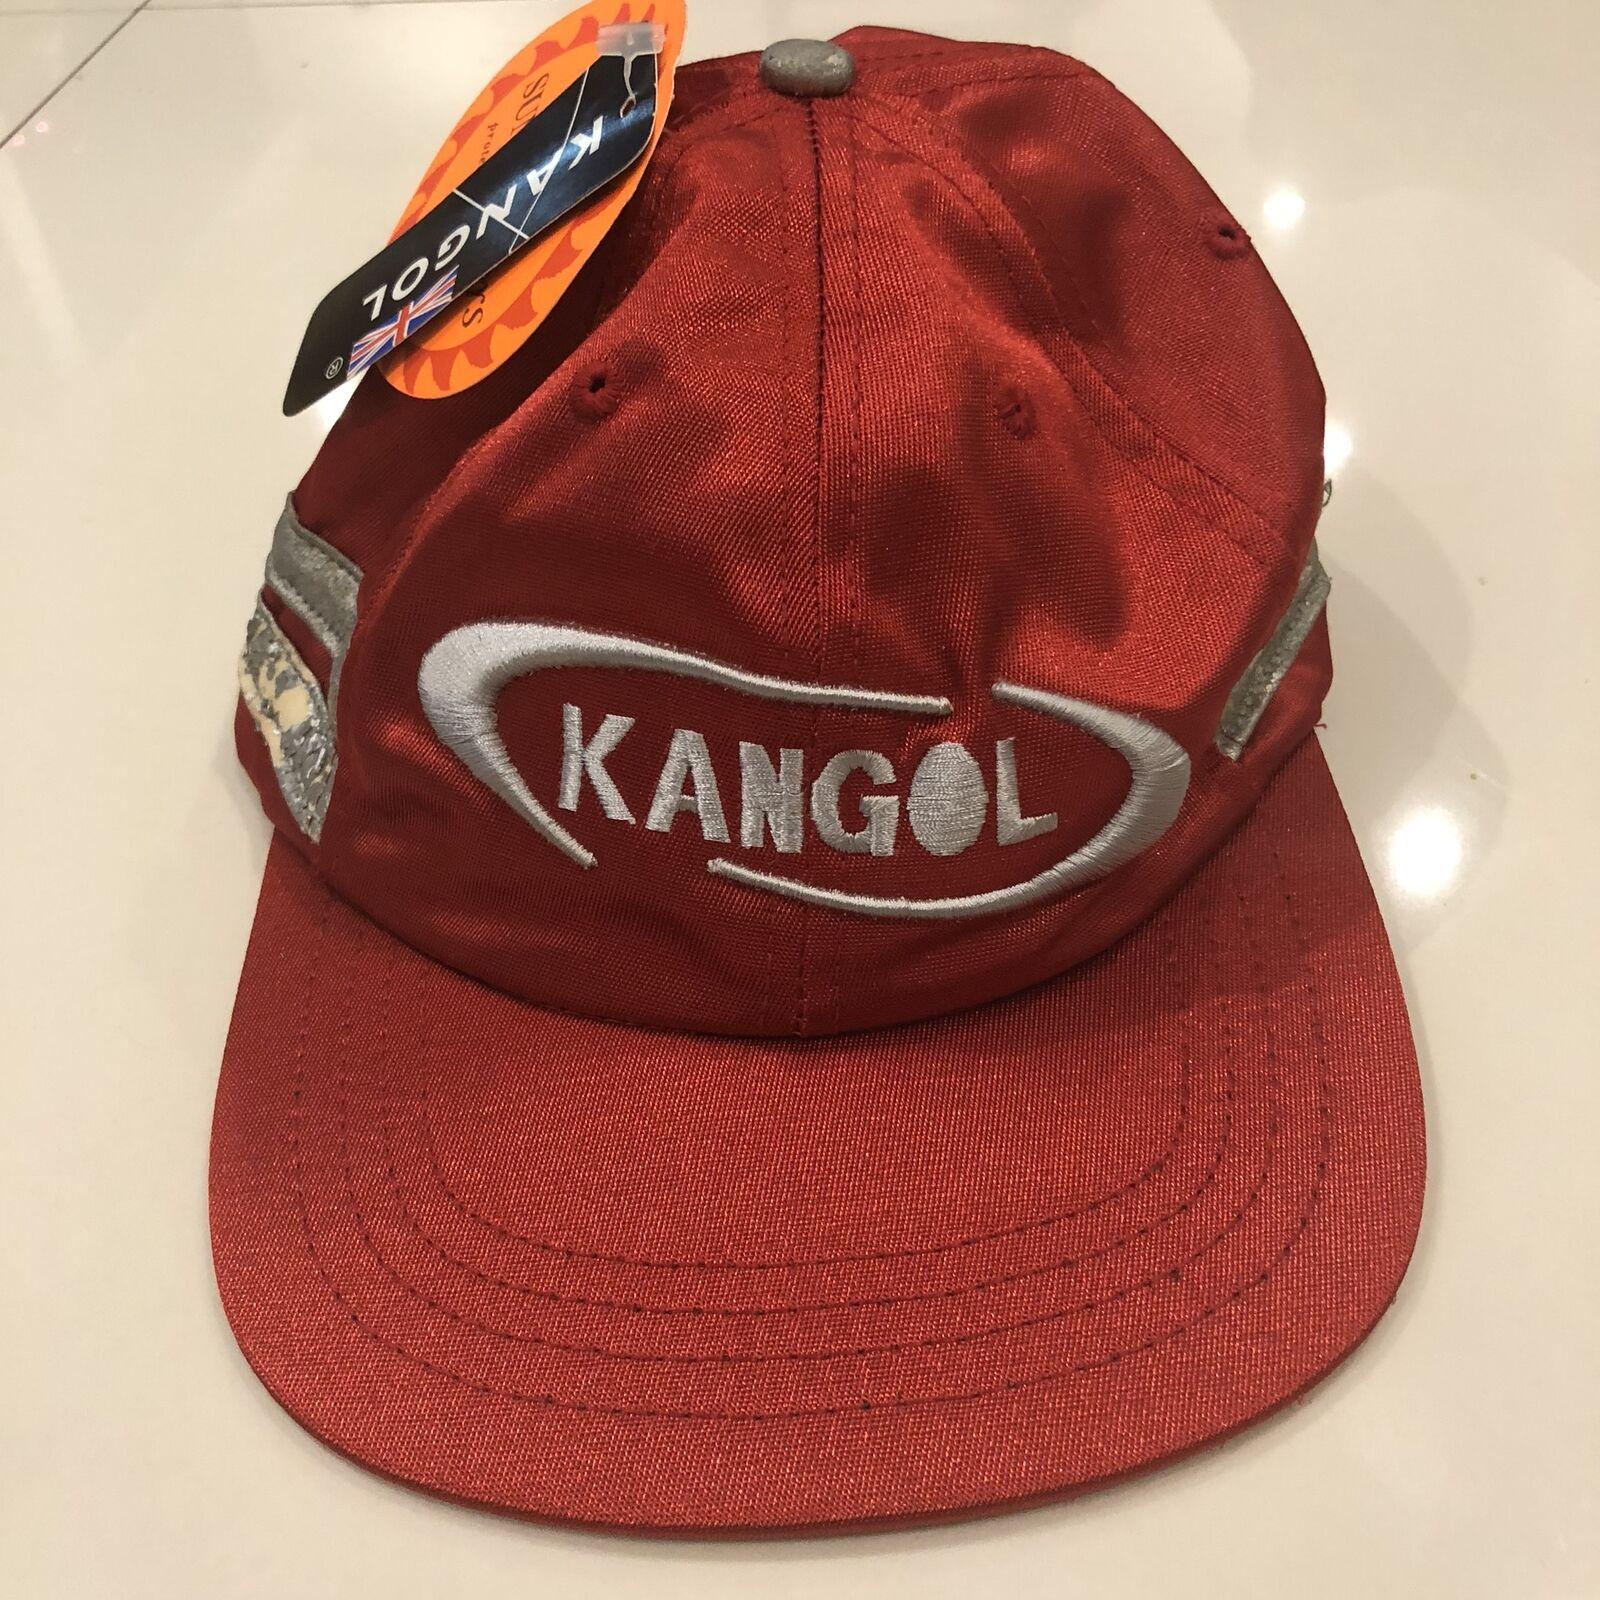 RARE Vintage Hat Kangol SPELL OUT Red Satin Sunstoppers Strapback Hat Vintage Cap New Tags 1af8d5